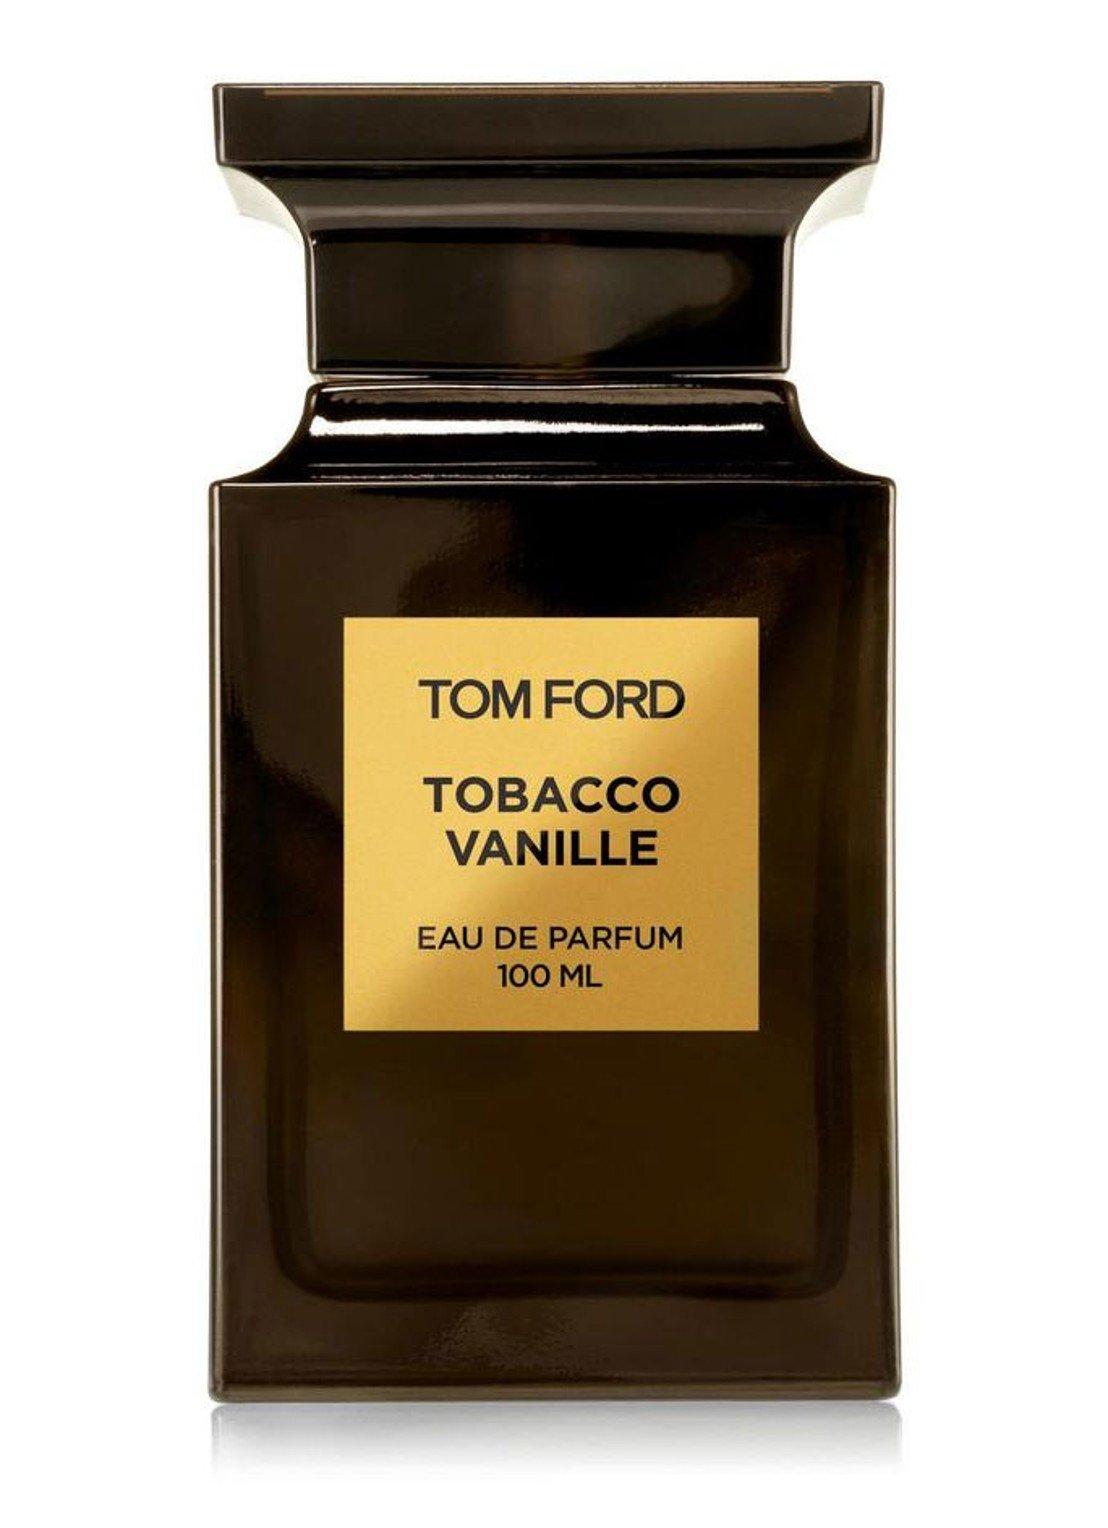 Tobacco Vanille Eau de Parfum van Tom Ford, harry styles, geurkaars